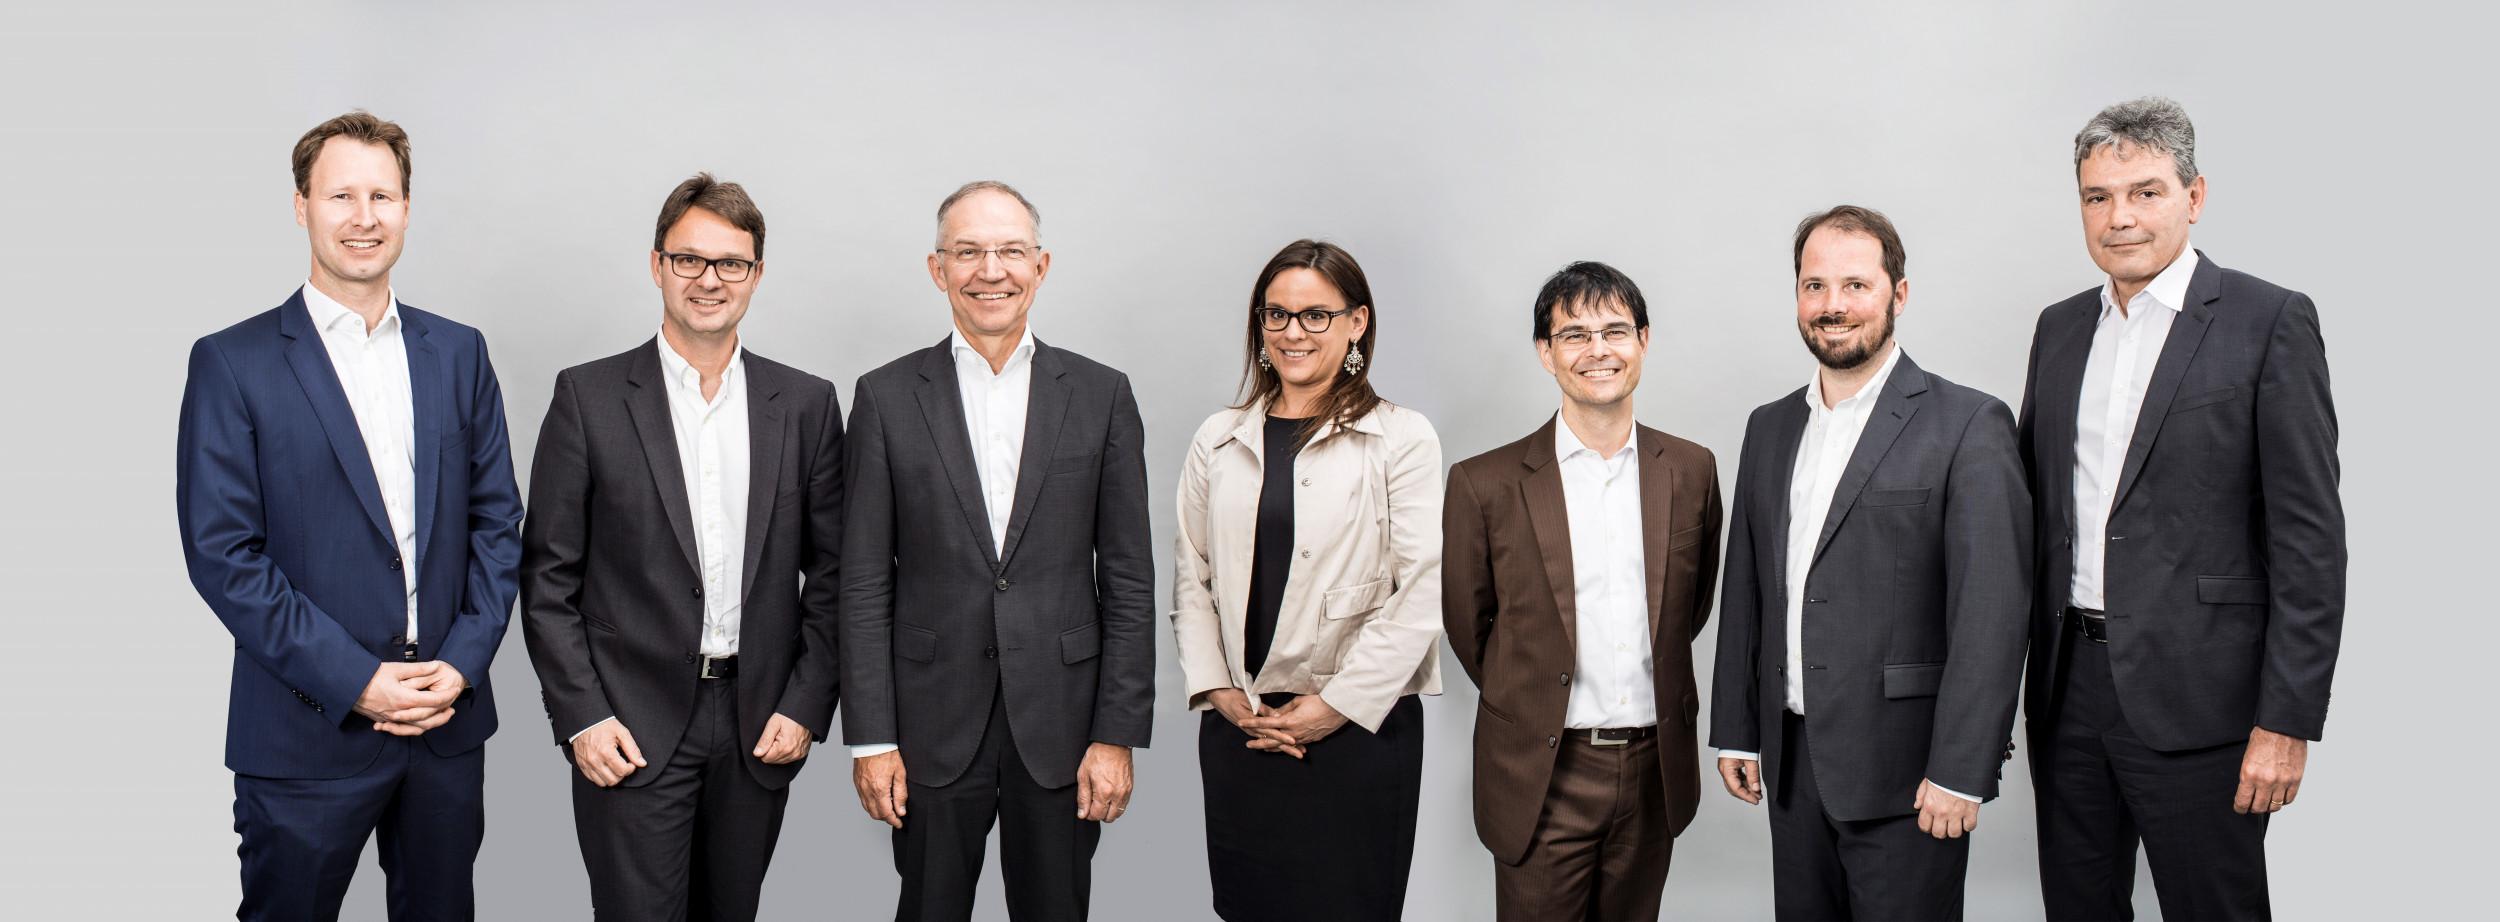 Venture capital BioMedPartners